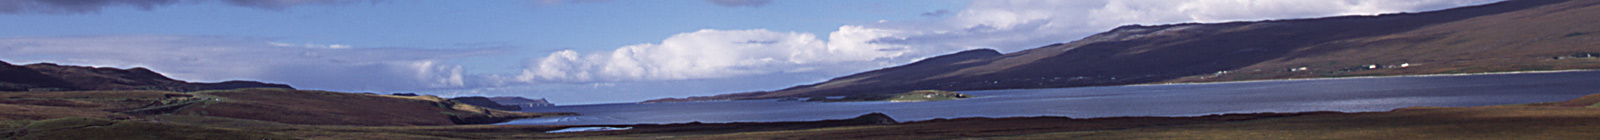 Scotland Loch Banner